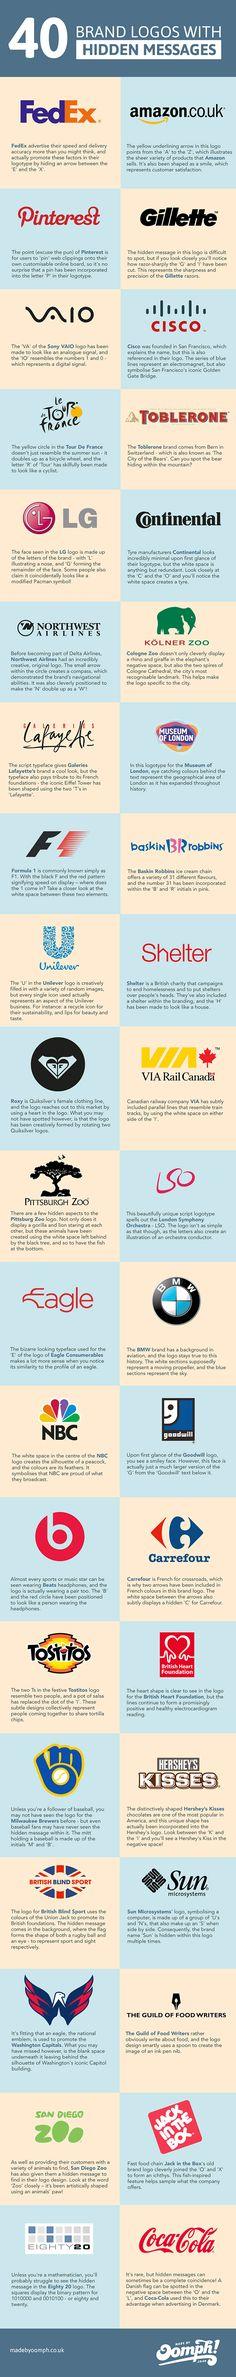 Vom versteckten Pfeil im FedEx Logo und vielem mehr! #Infografik zu Markenlogos und ihrem Hintersinn.